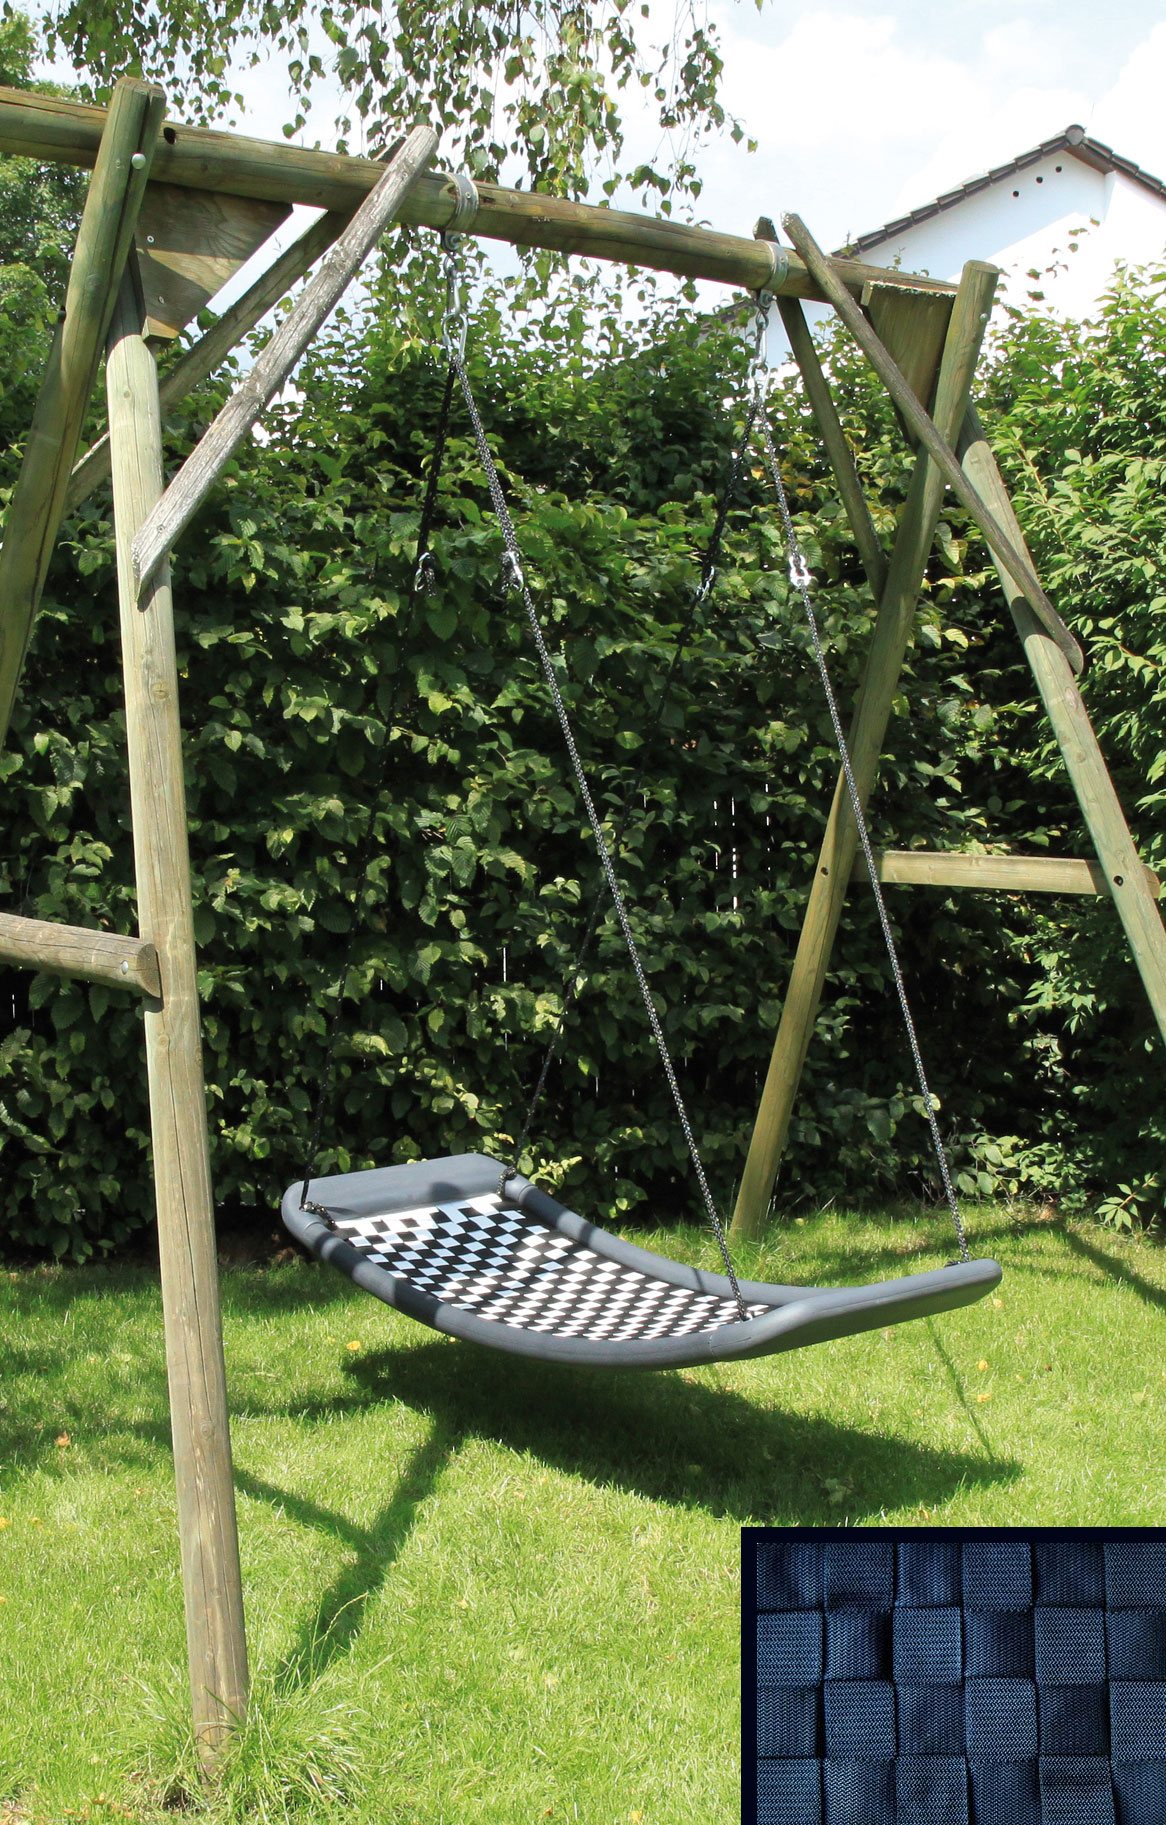 schaukel f r erwachsene lifestylestandard el schwarz 166 x. Black Bedroom Furniture Sets. Home Design Ideas